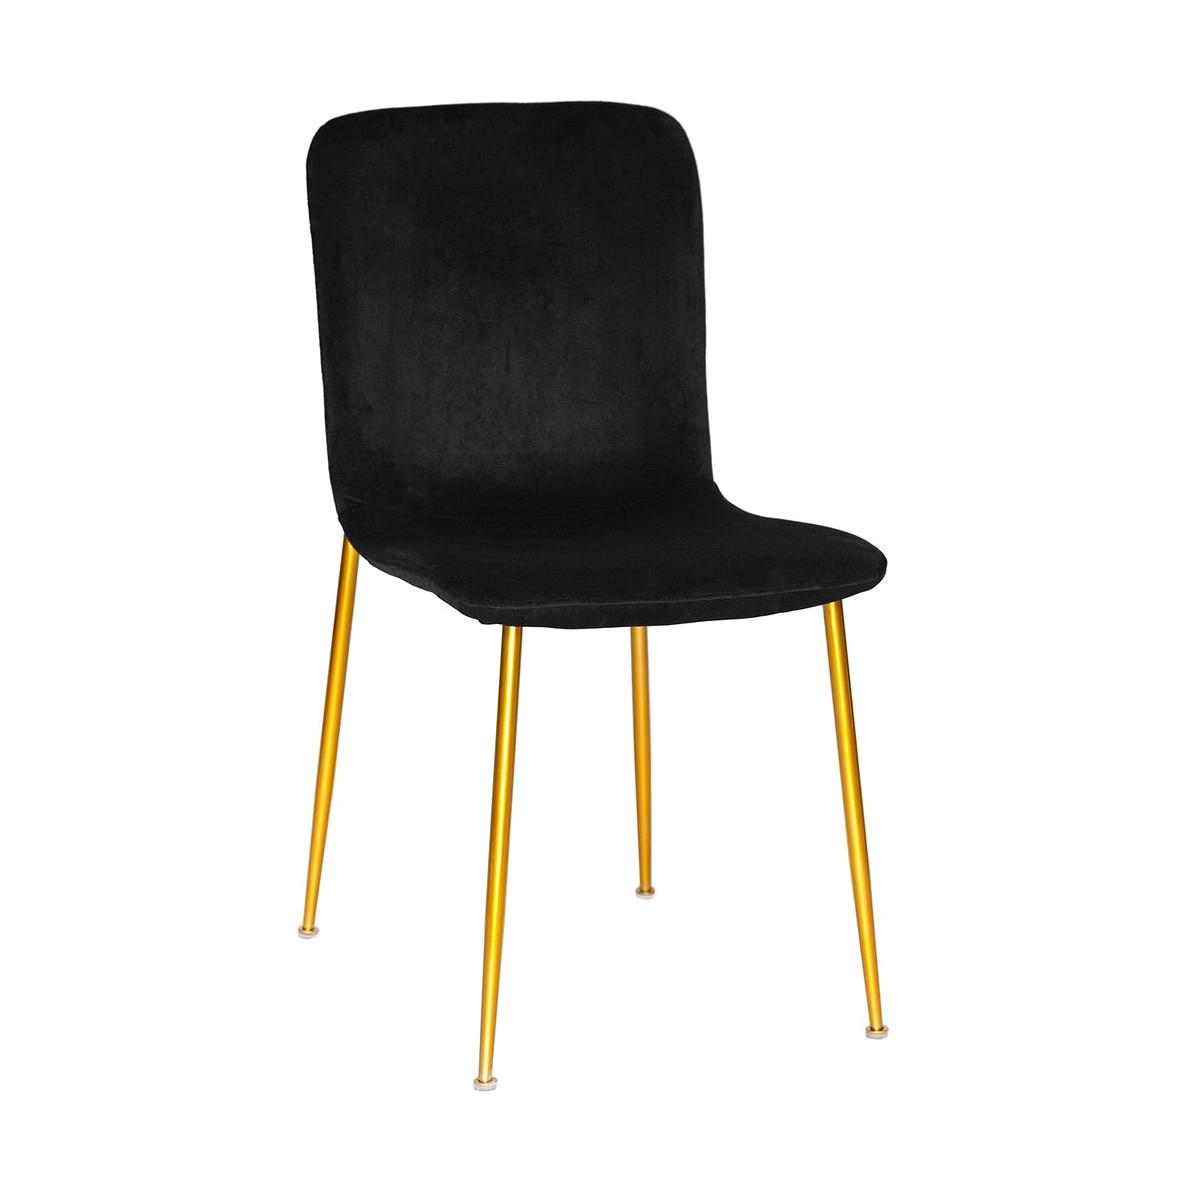 Стул TC черный/золотой 56x43x83 см барный стул tc черный 5xx43x102 5 см